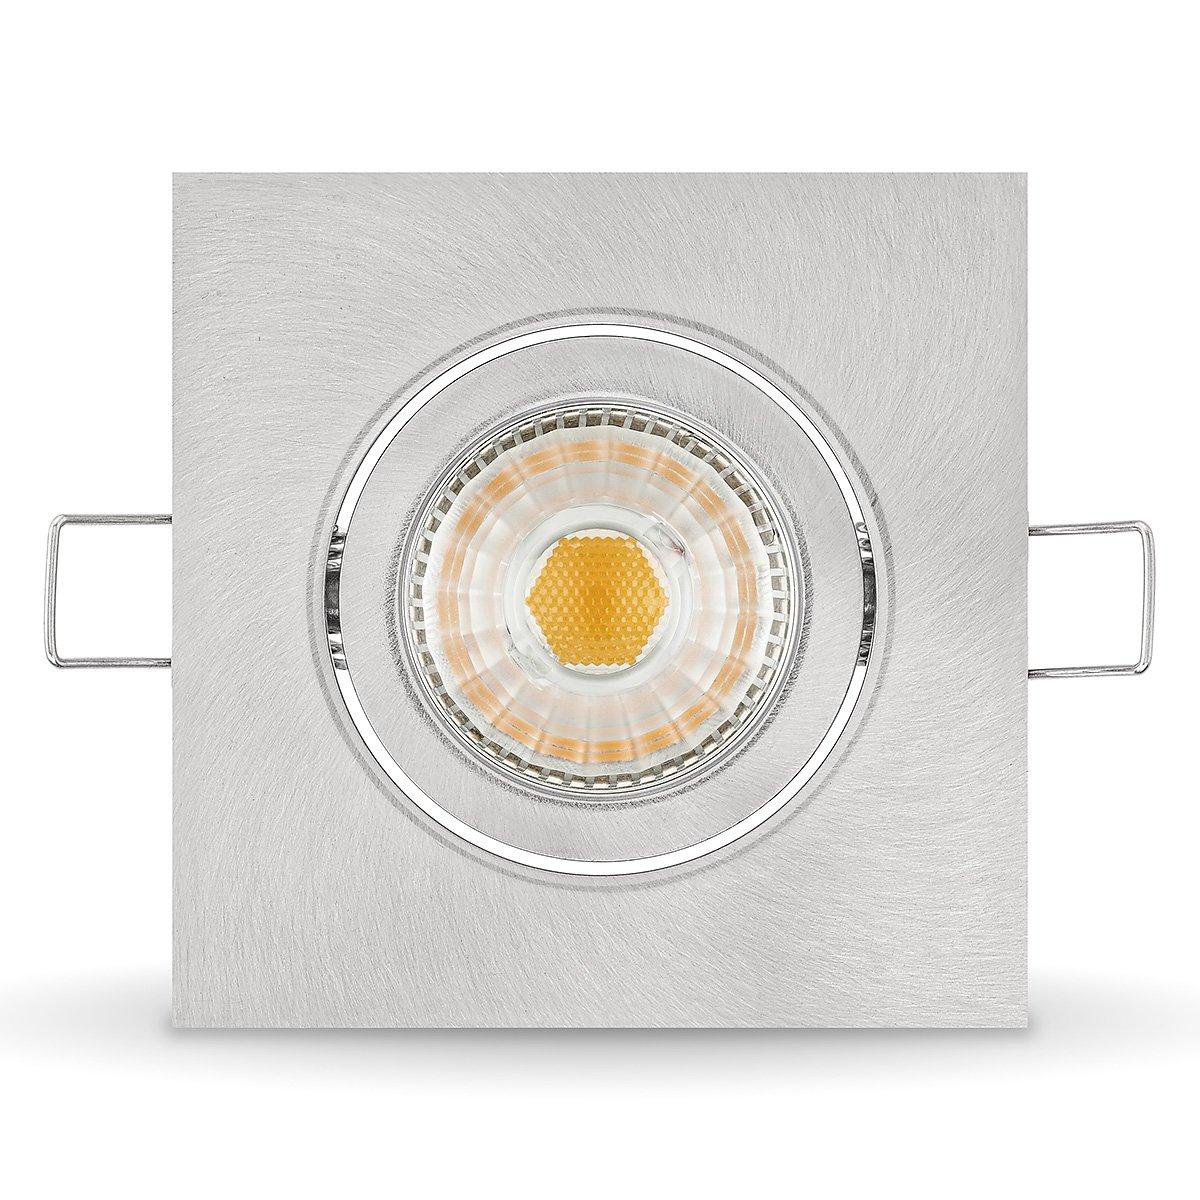 5 x LED Einbauleuchten Set dimmbar inkl. Einbaurahmen 230V 6W GU10 2700k warm-weiß (5er Set)